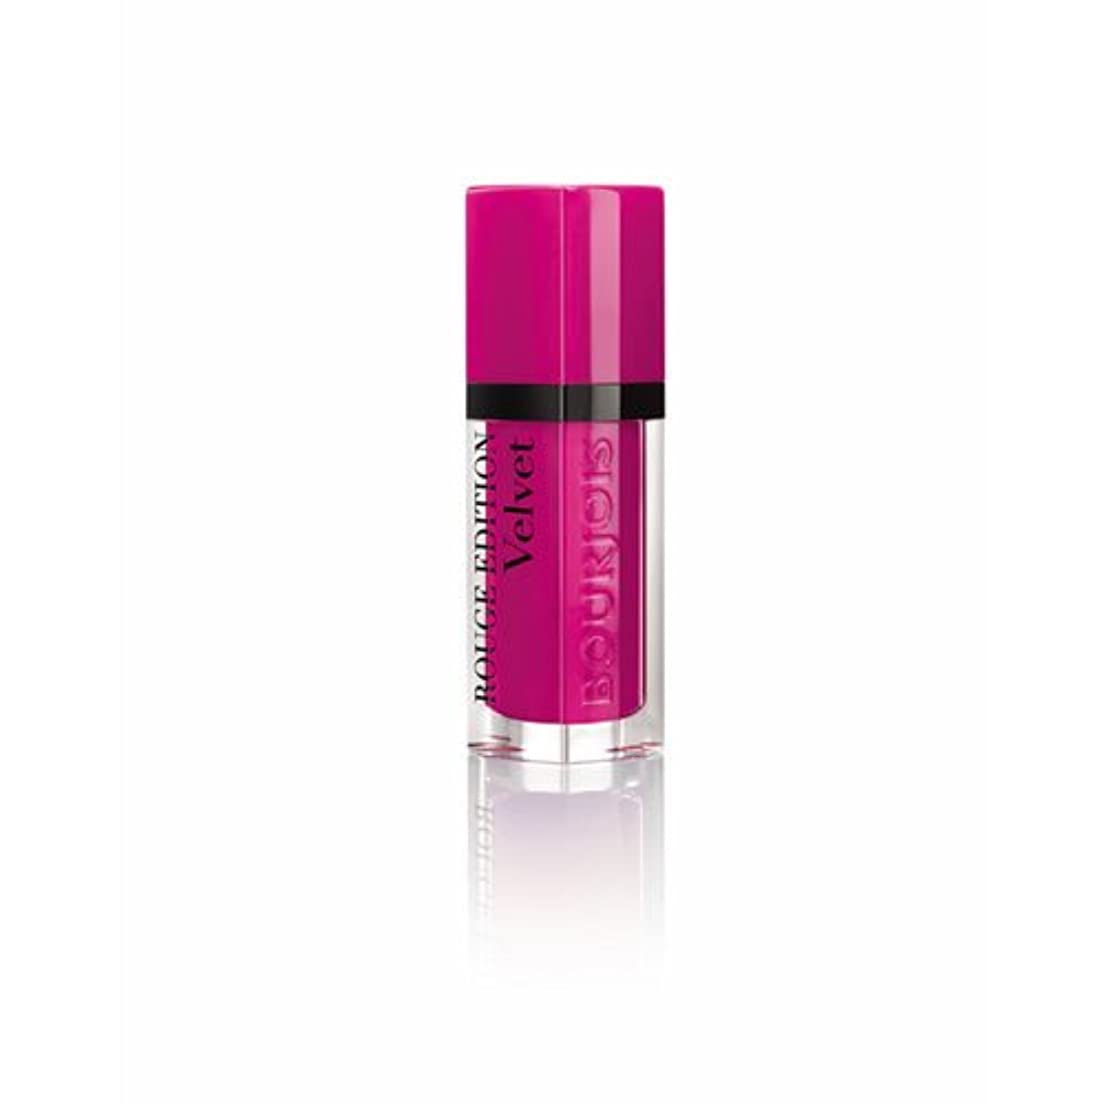 ビュッフェ雲おっとブルジョワ ルージュエディション ヴェルベット リップスティック (06 ピンク ポング) BOURJOIS ROUGE EDITION VELVET LIPSTICK 06 Pink Pong(ポスト投函対応) [並行輸入品]